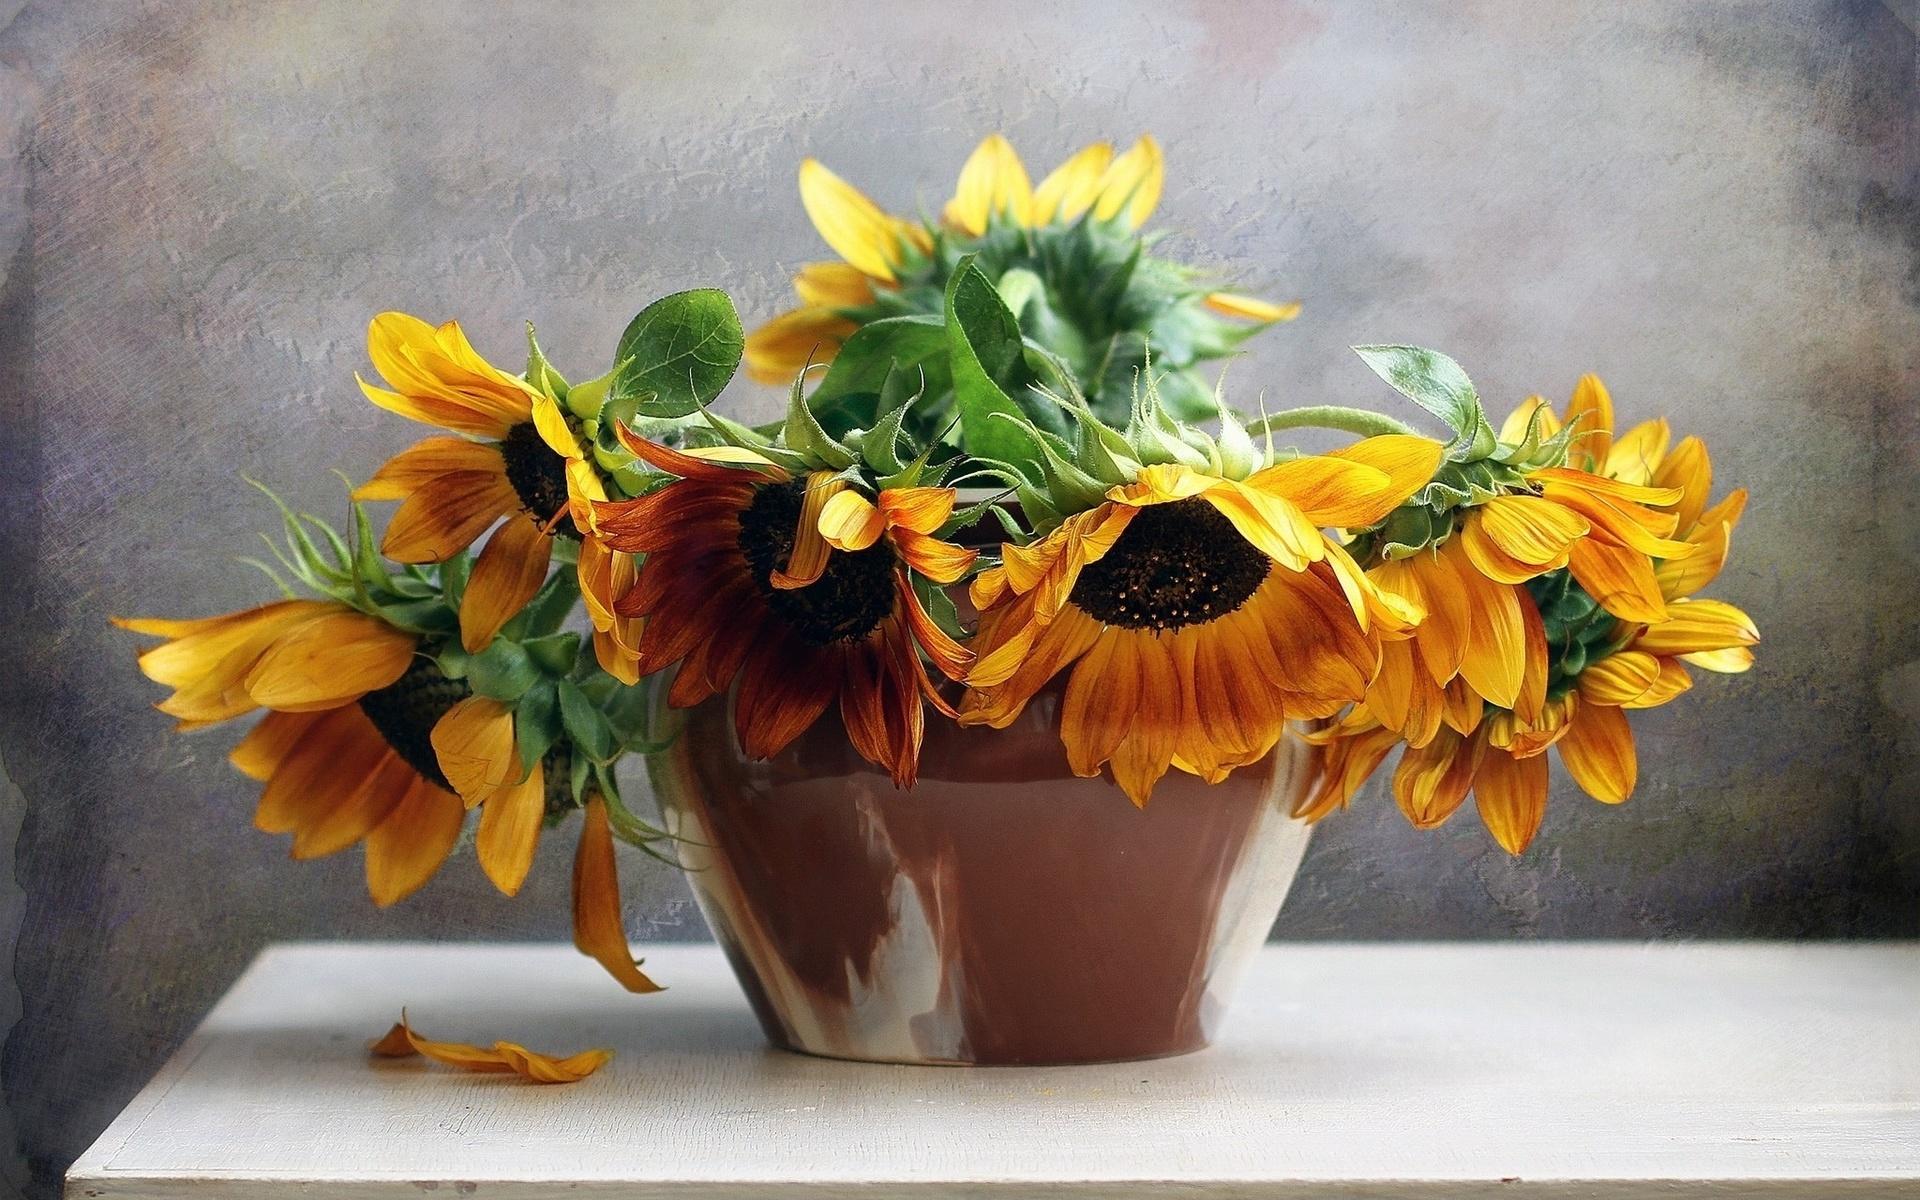 снимки фото картинки цветы подсолнухи в вазах раз нас